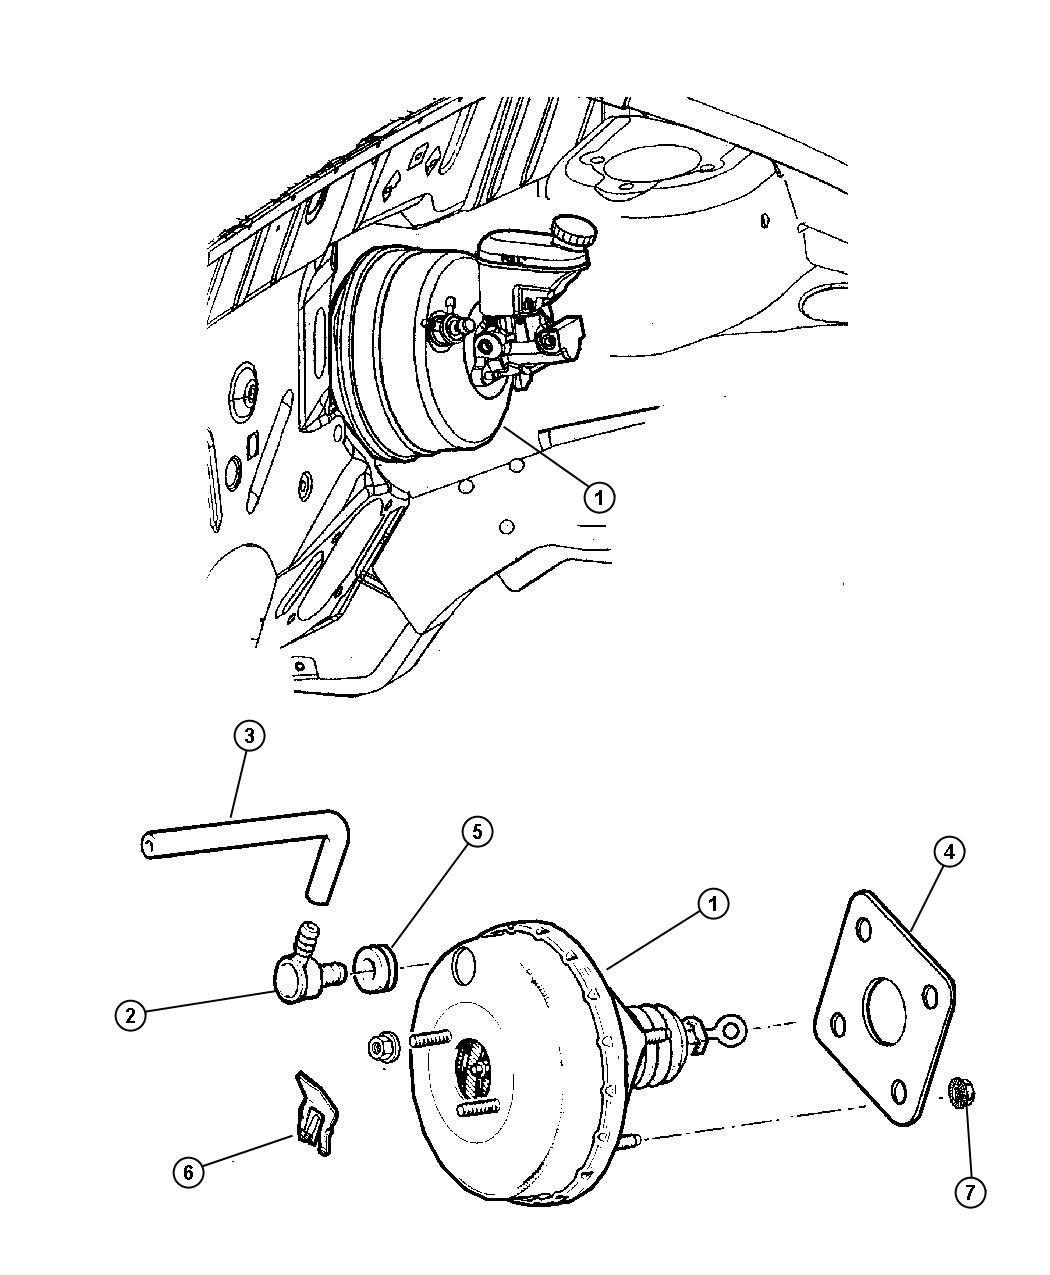 Chrysler Pt Cruiser Hose. Brake booster, brake booster